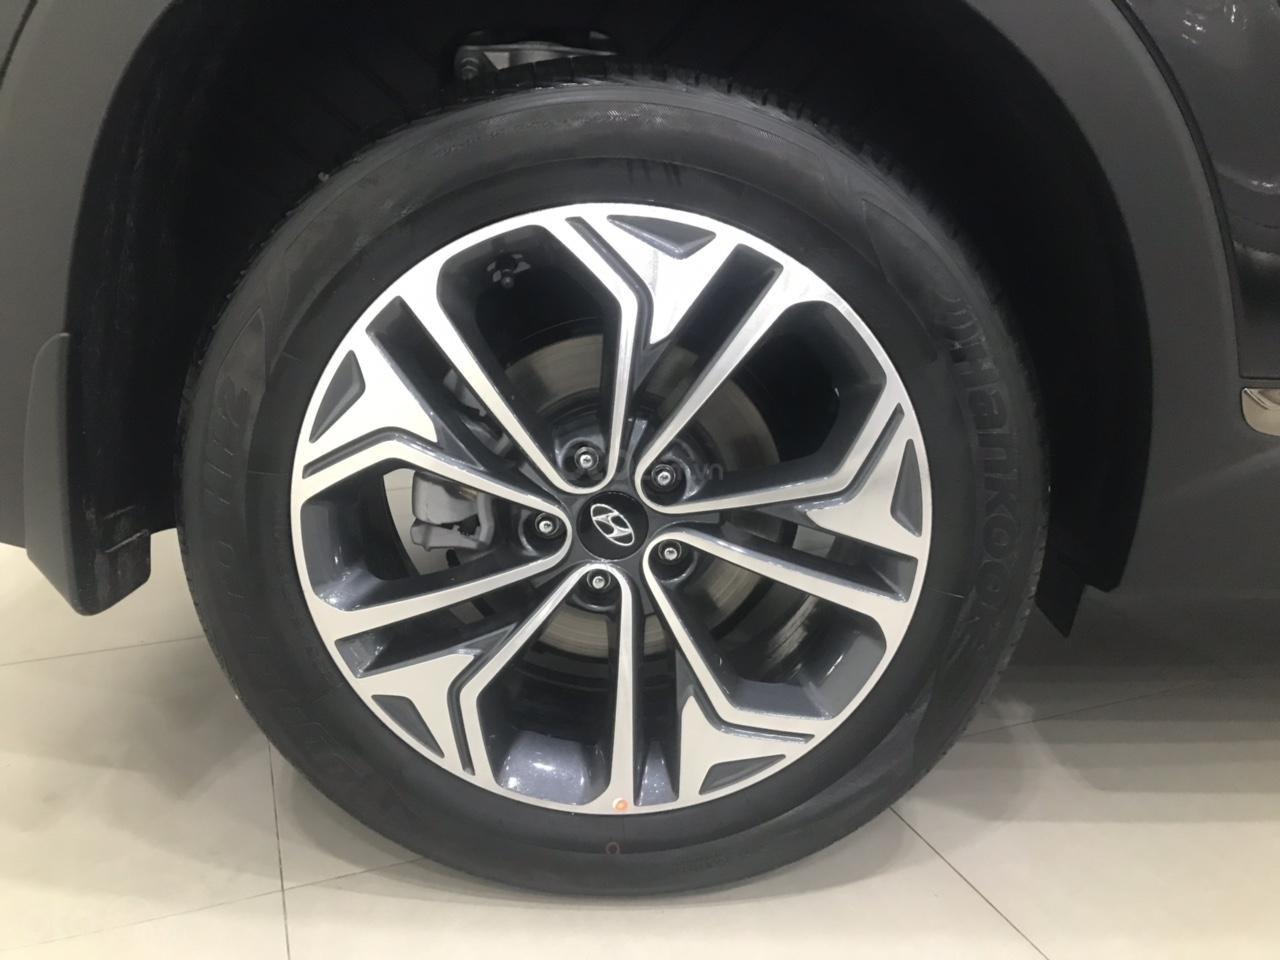 Hyundai Santa Fe 2019 bản Premium máy dầu cao cấp - Xe giao ngay - Nhiều ưu đãi - 0919929923-3